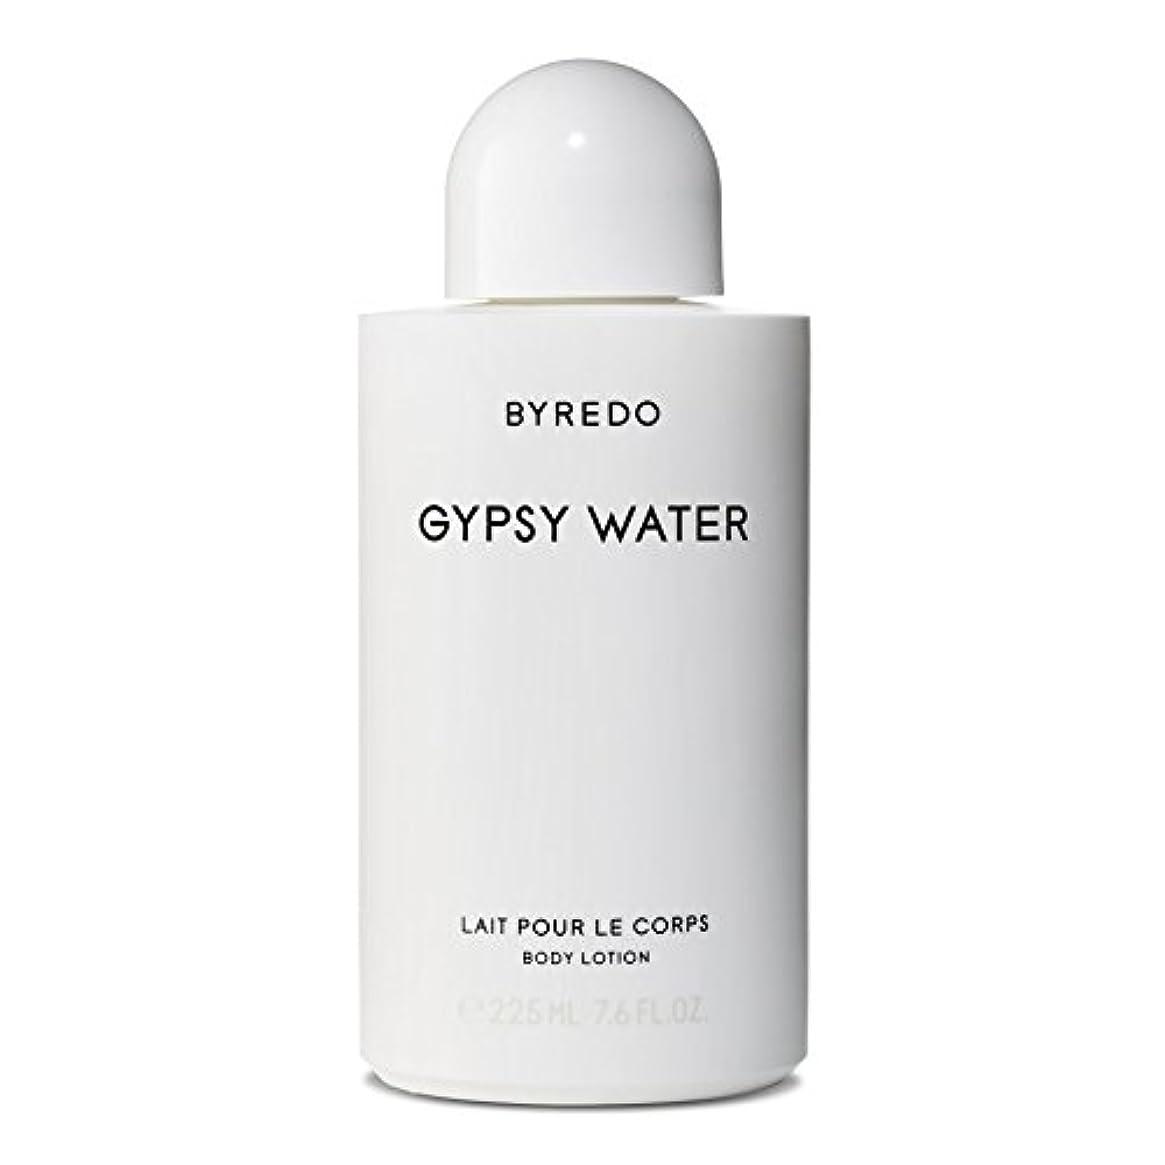 ジャーナルシャープ払い戻しByredo Gypsy Water Body Lotion 225ml - ジプシー水ボディローション225ミリリットル [並行輸入品]